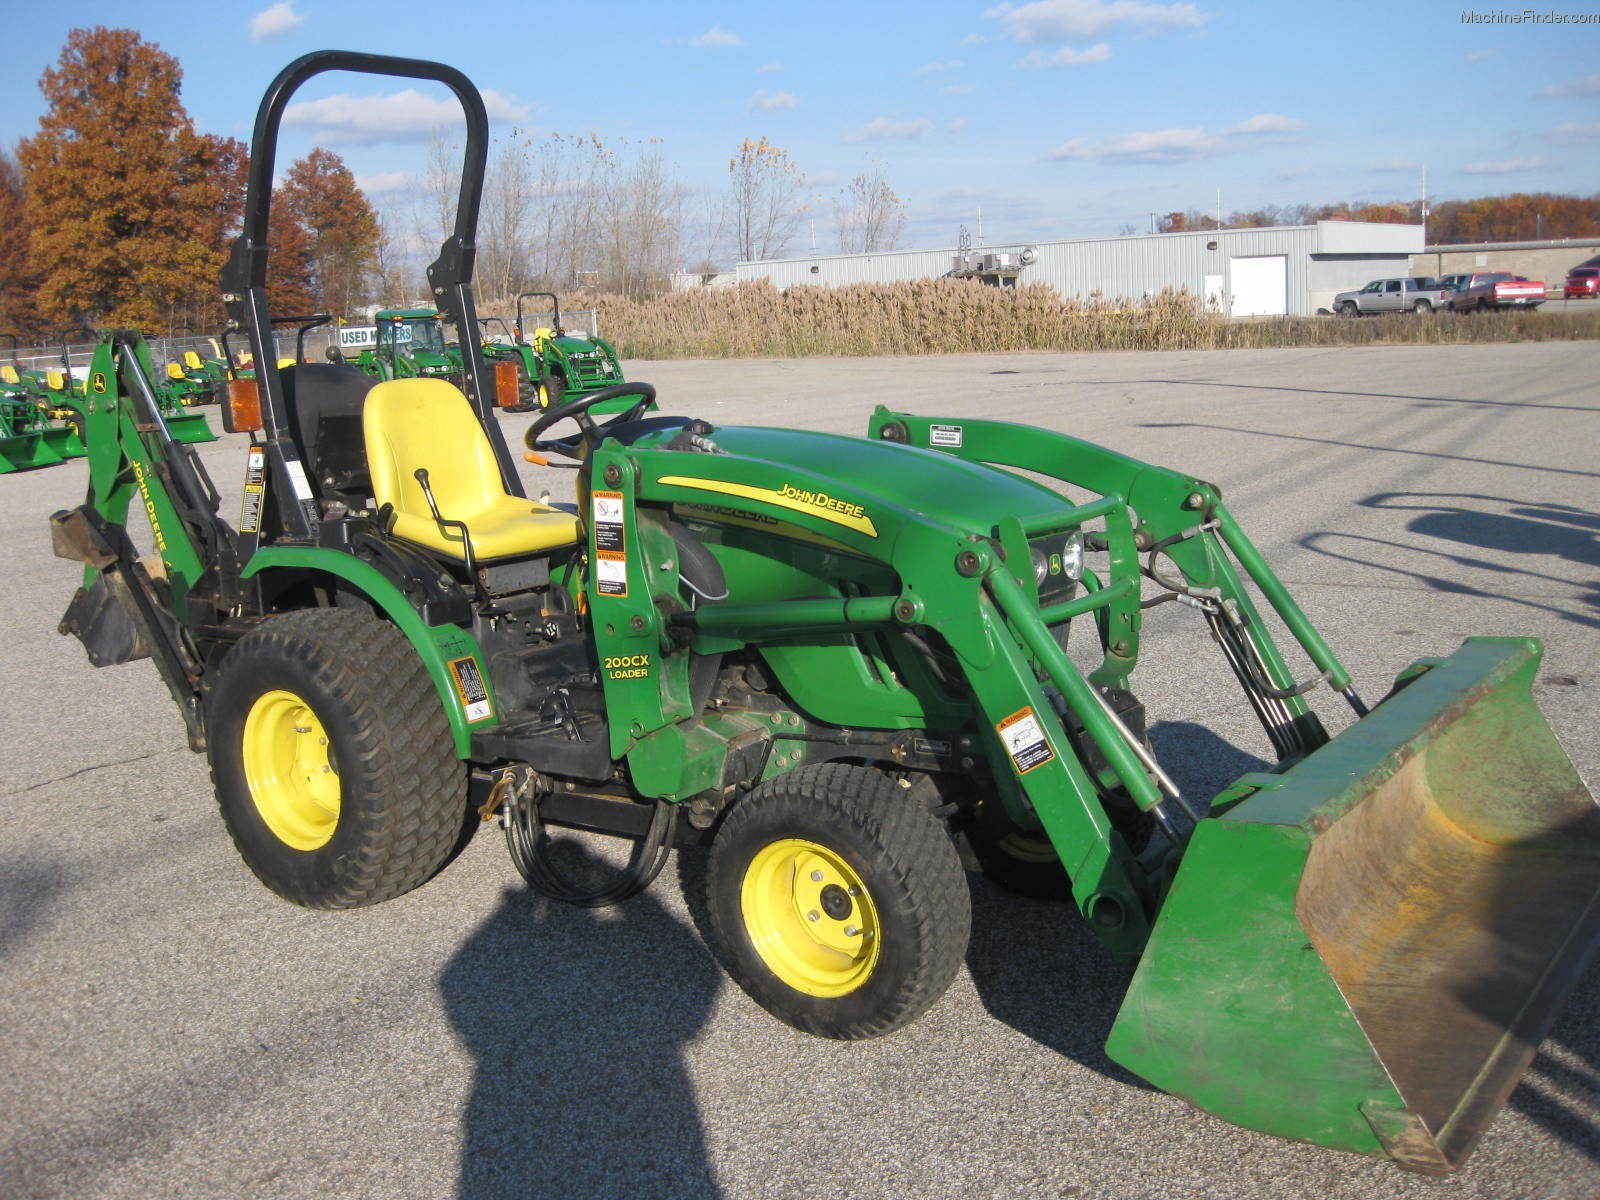 2006 John Deere 2320 Tractors - Compact (1-40hp.) - John Deere ...